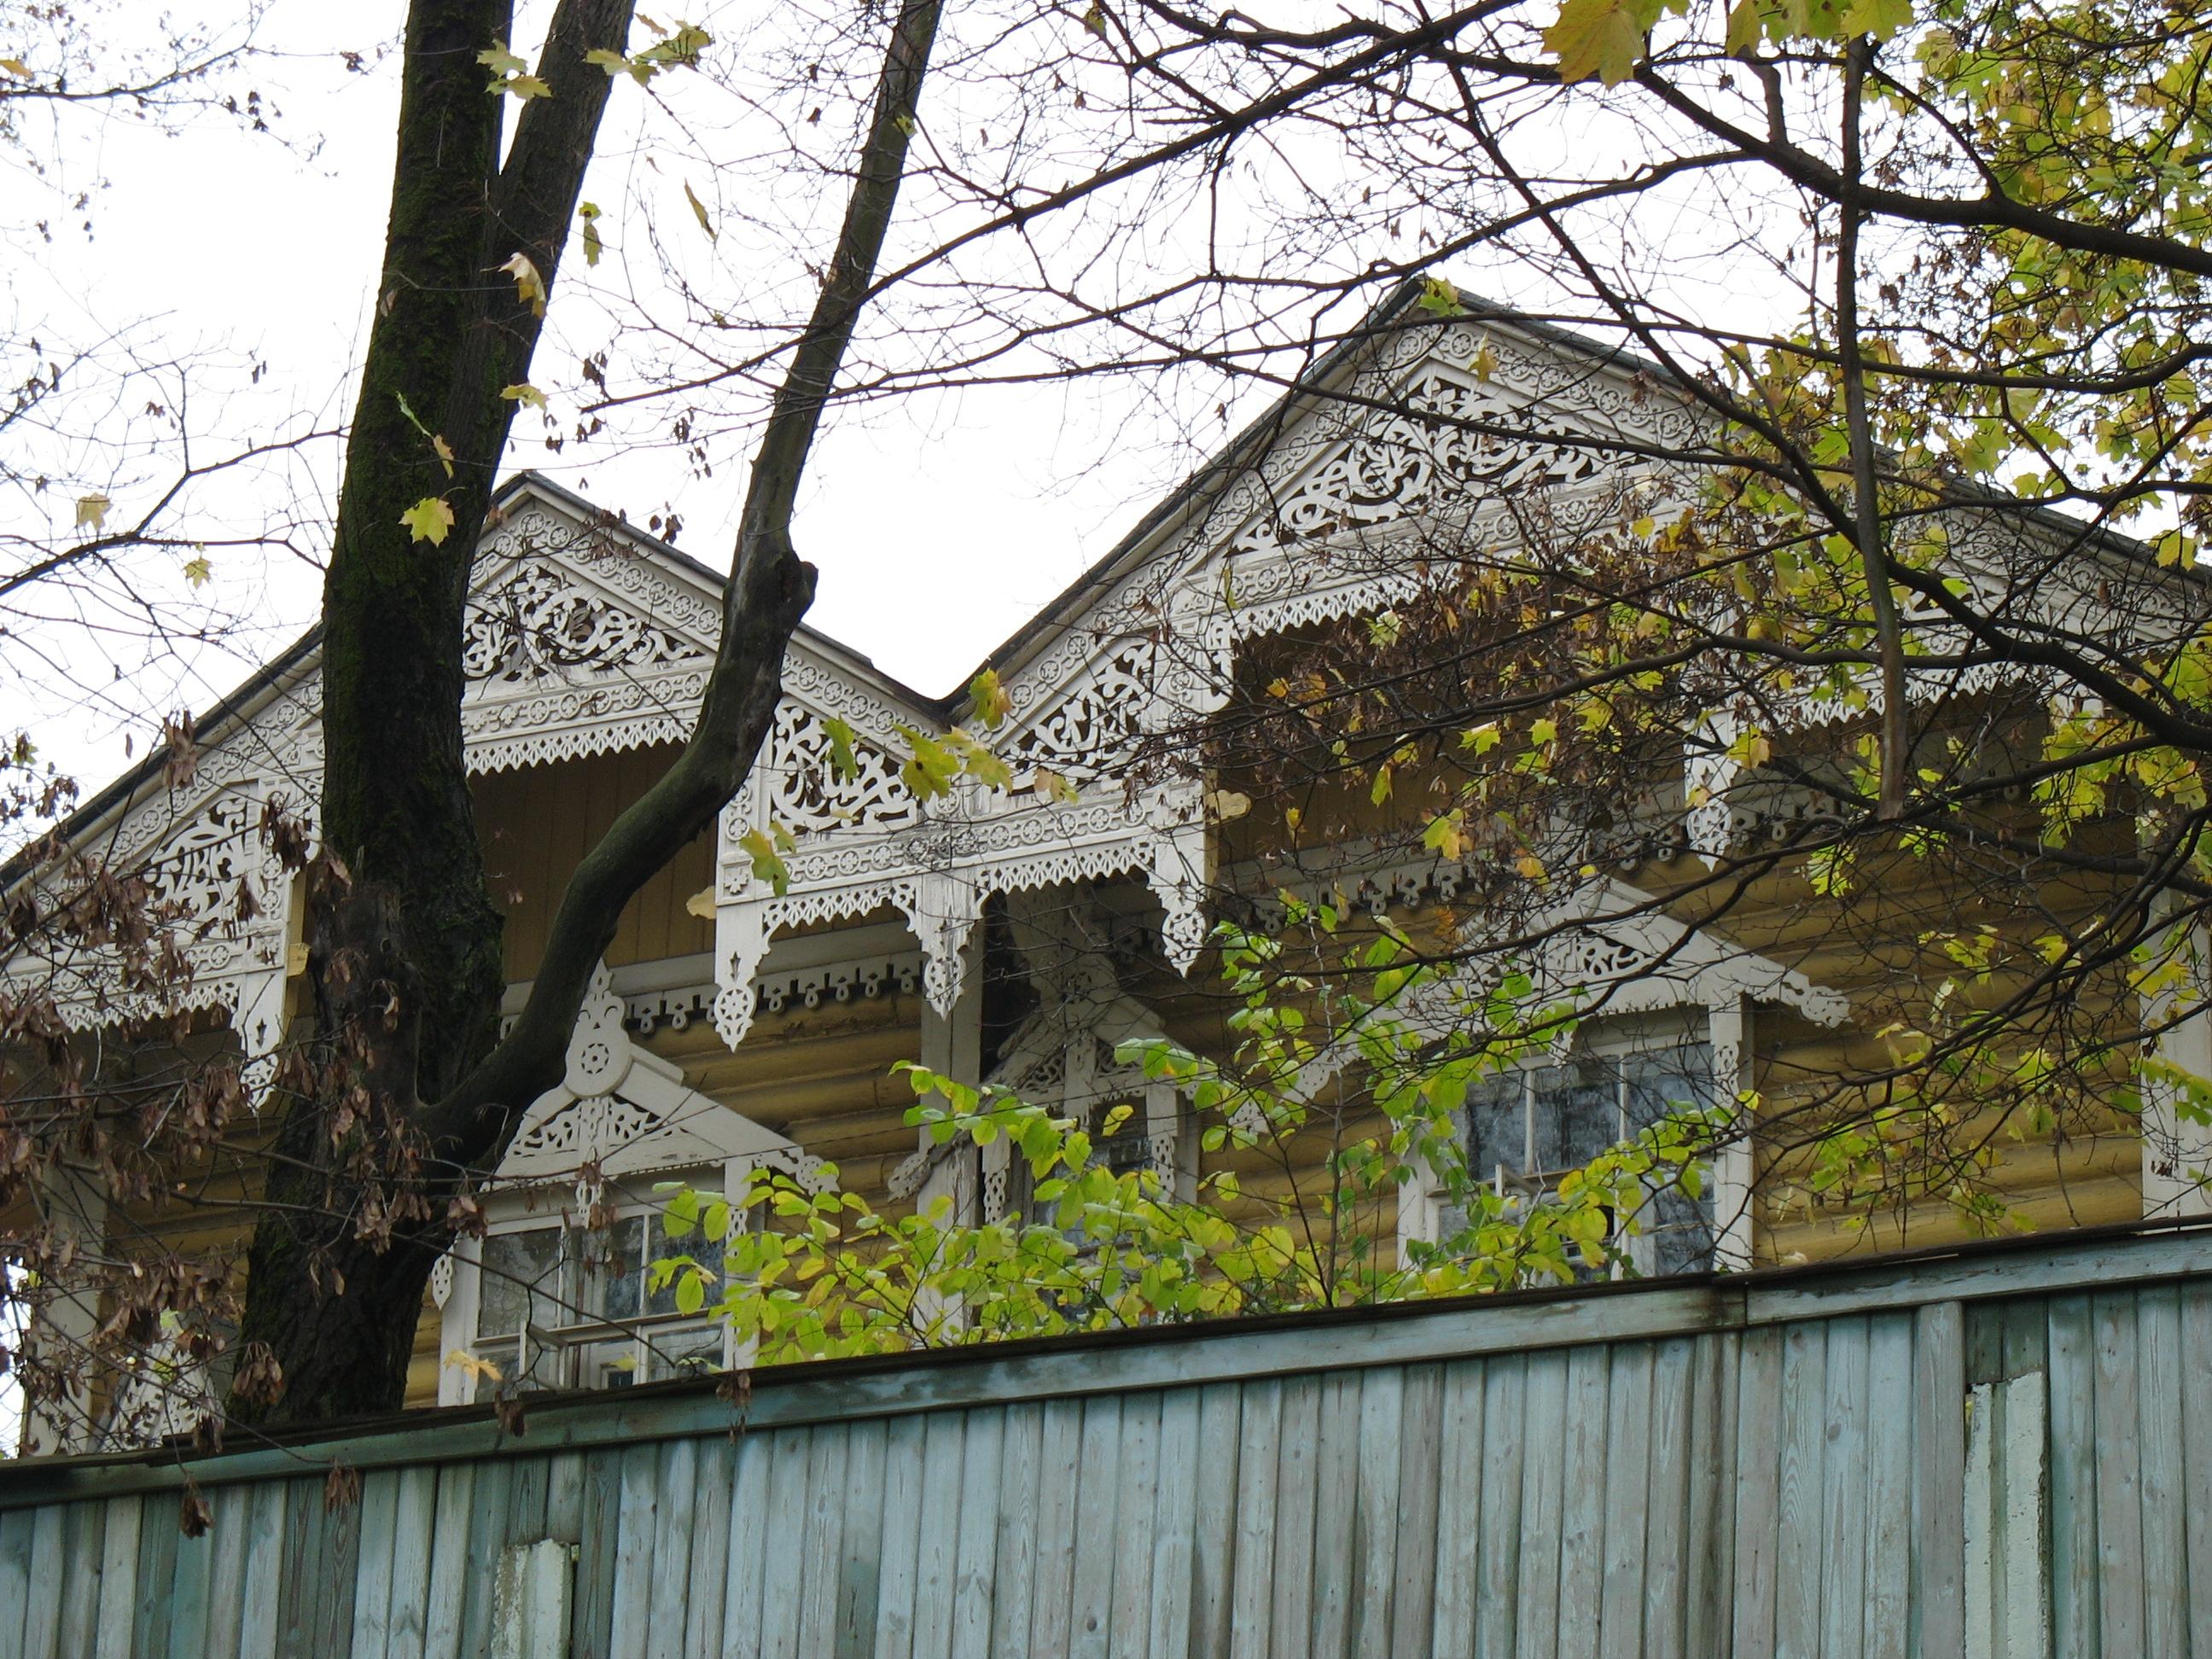 Типичное оформление фасада для домов столетнего возраста.